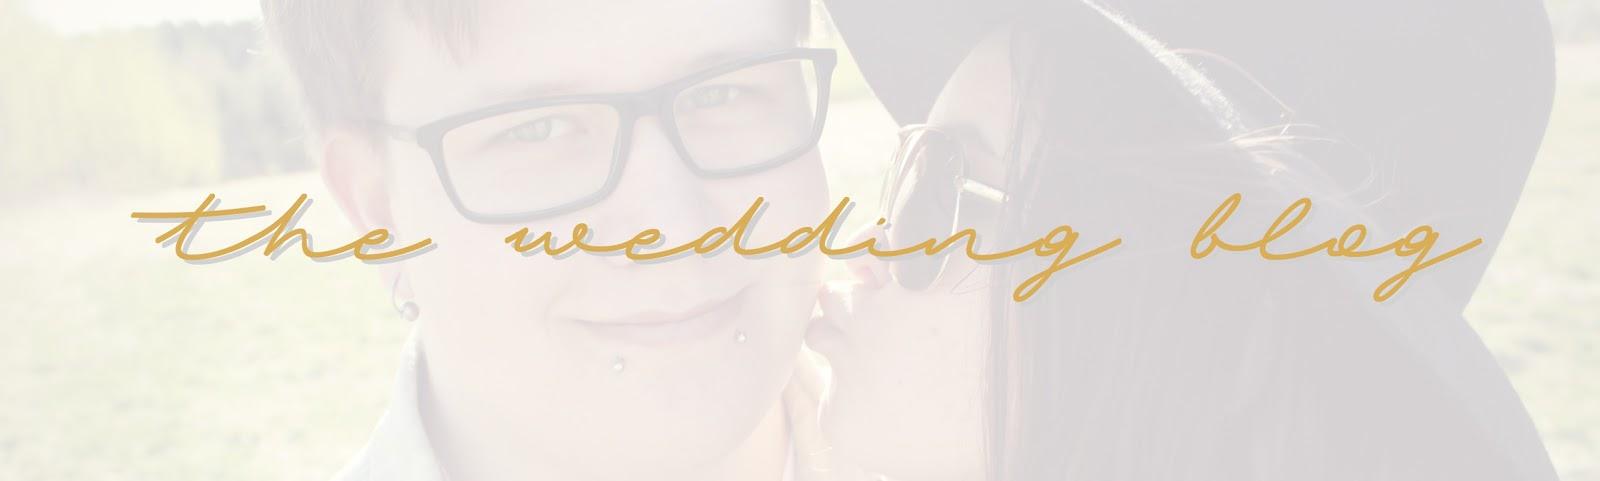 gifta sig efter att ha dejt i 2 månader